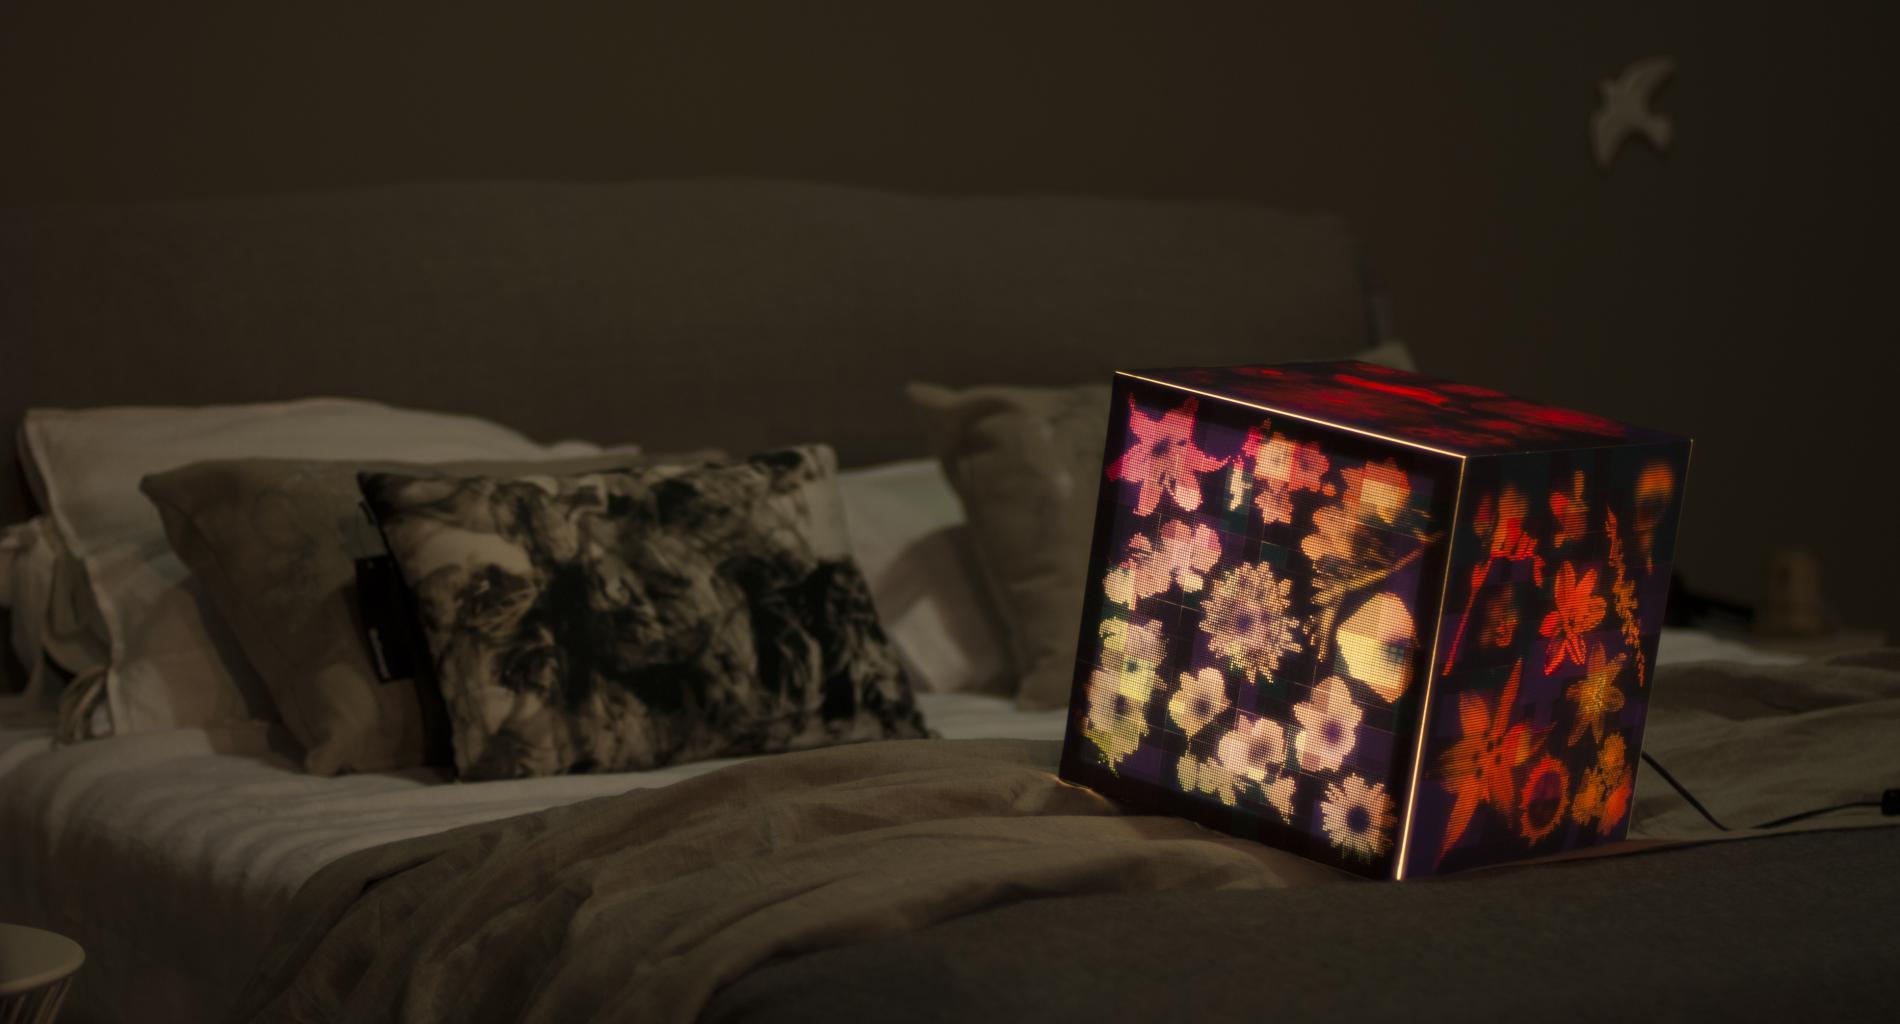 Upholstenight Lamps For Bedroom. Summer Night Bedroom Lighting Cube UNIQCUBE 71 Upholstenight Lamps For  home decor Mrsilva us